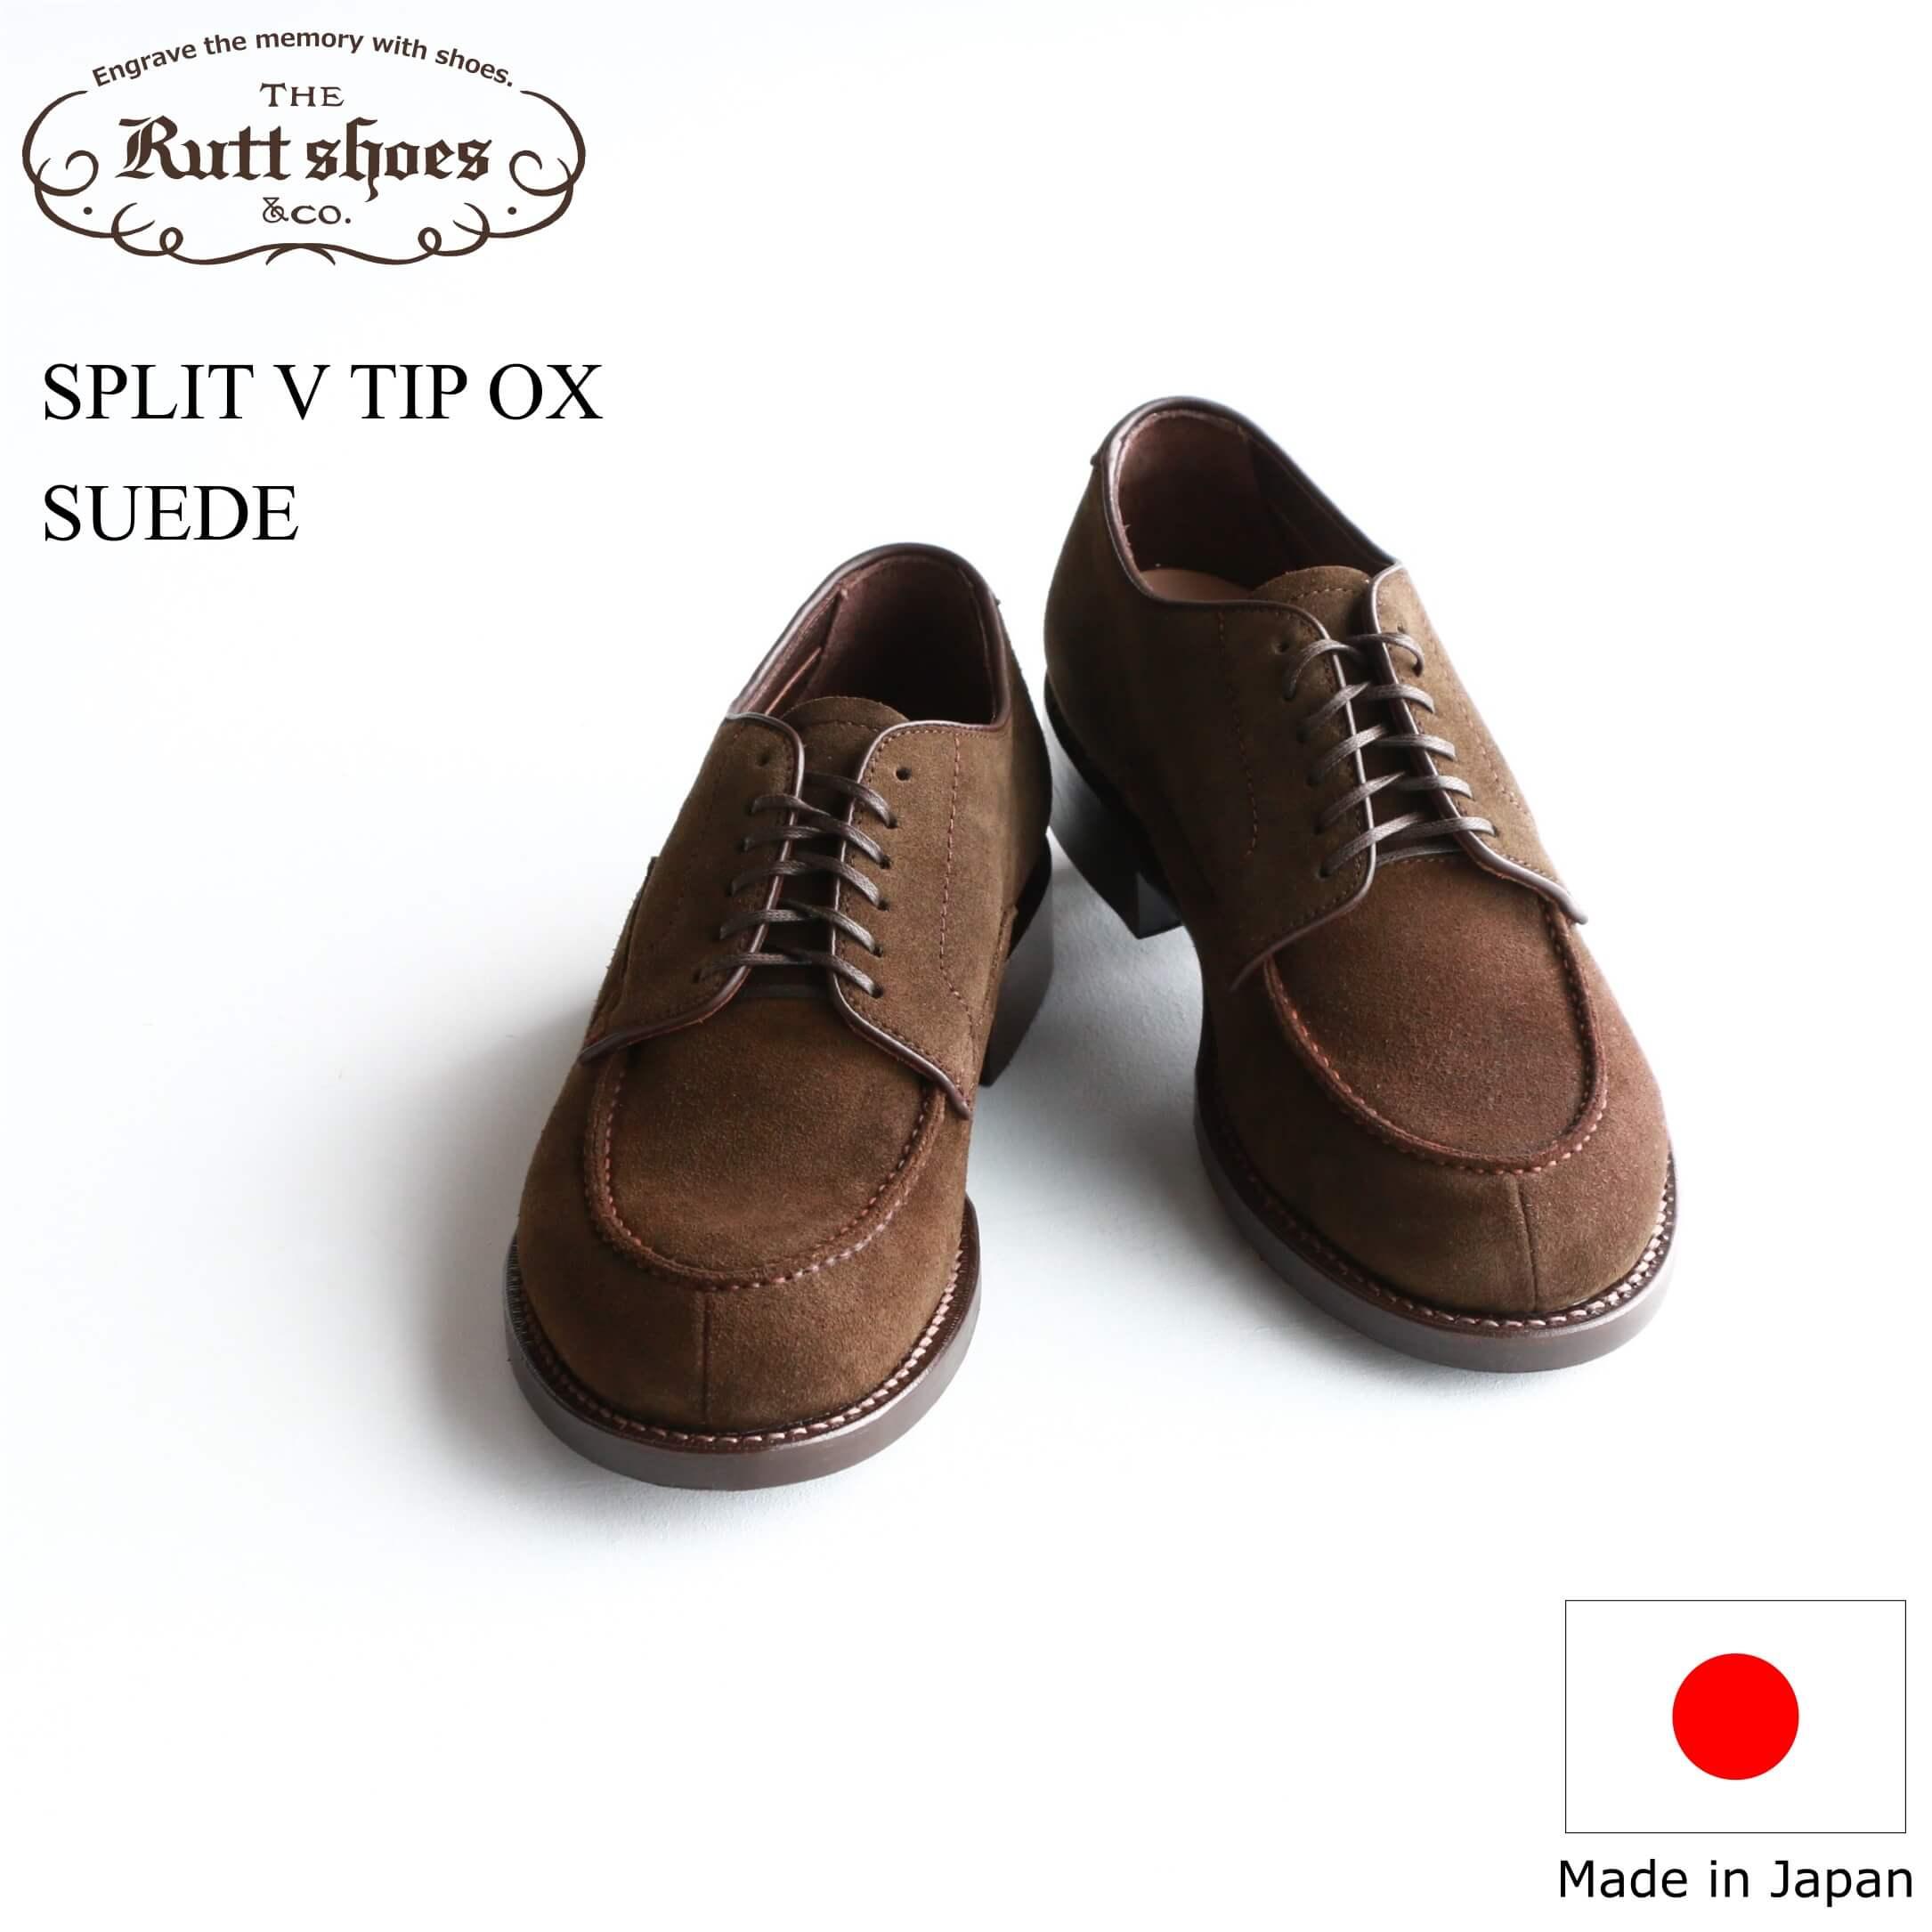 THE RUTT SHOES & CO. ラッドシューズ SPLIT V-TIP OXFORD Last #168 スプリットVチップ オックスフォード CHARCOAL KHAKI